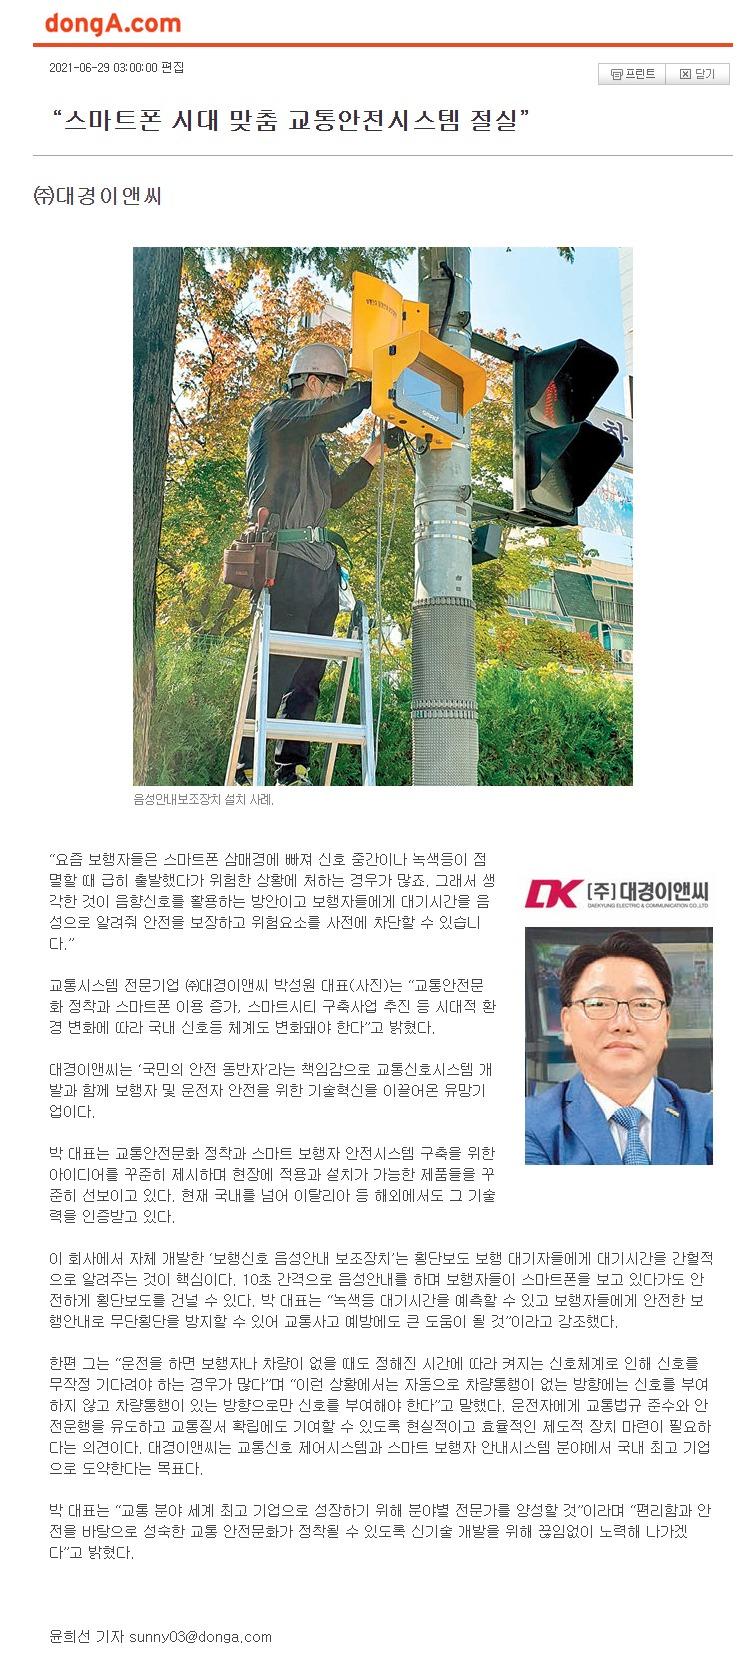 2021-06-29 동아일보 특집기사.jpg